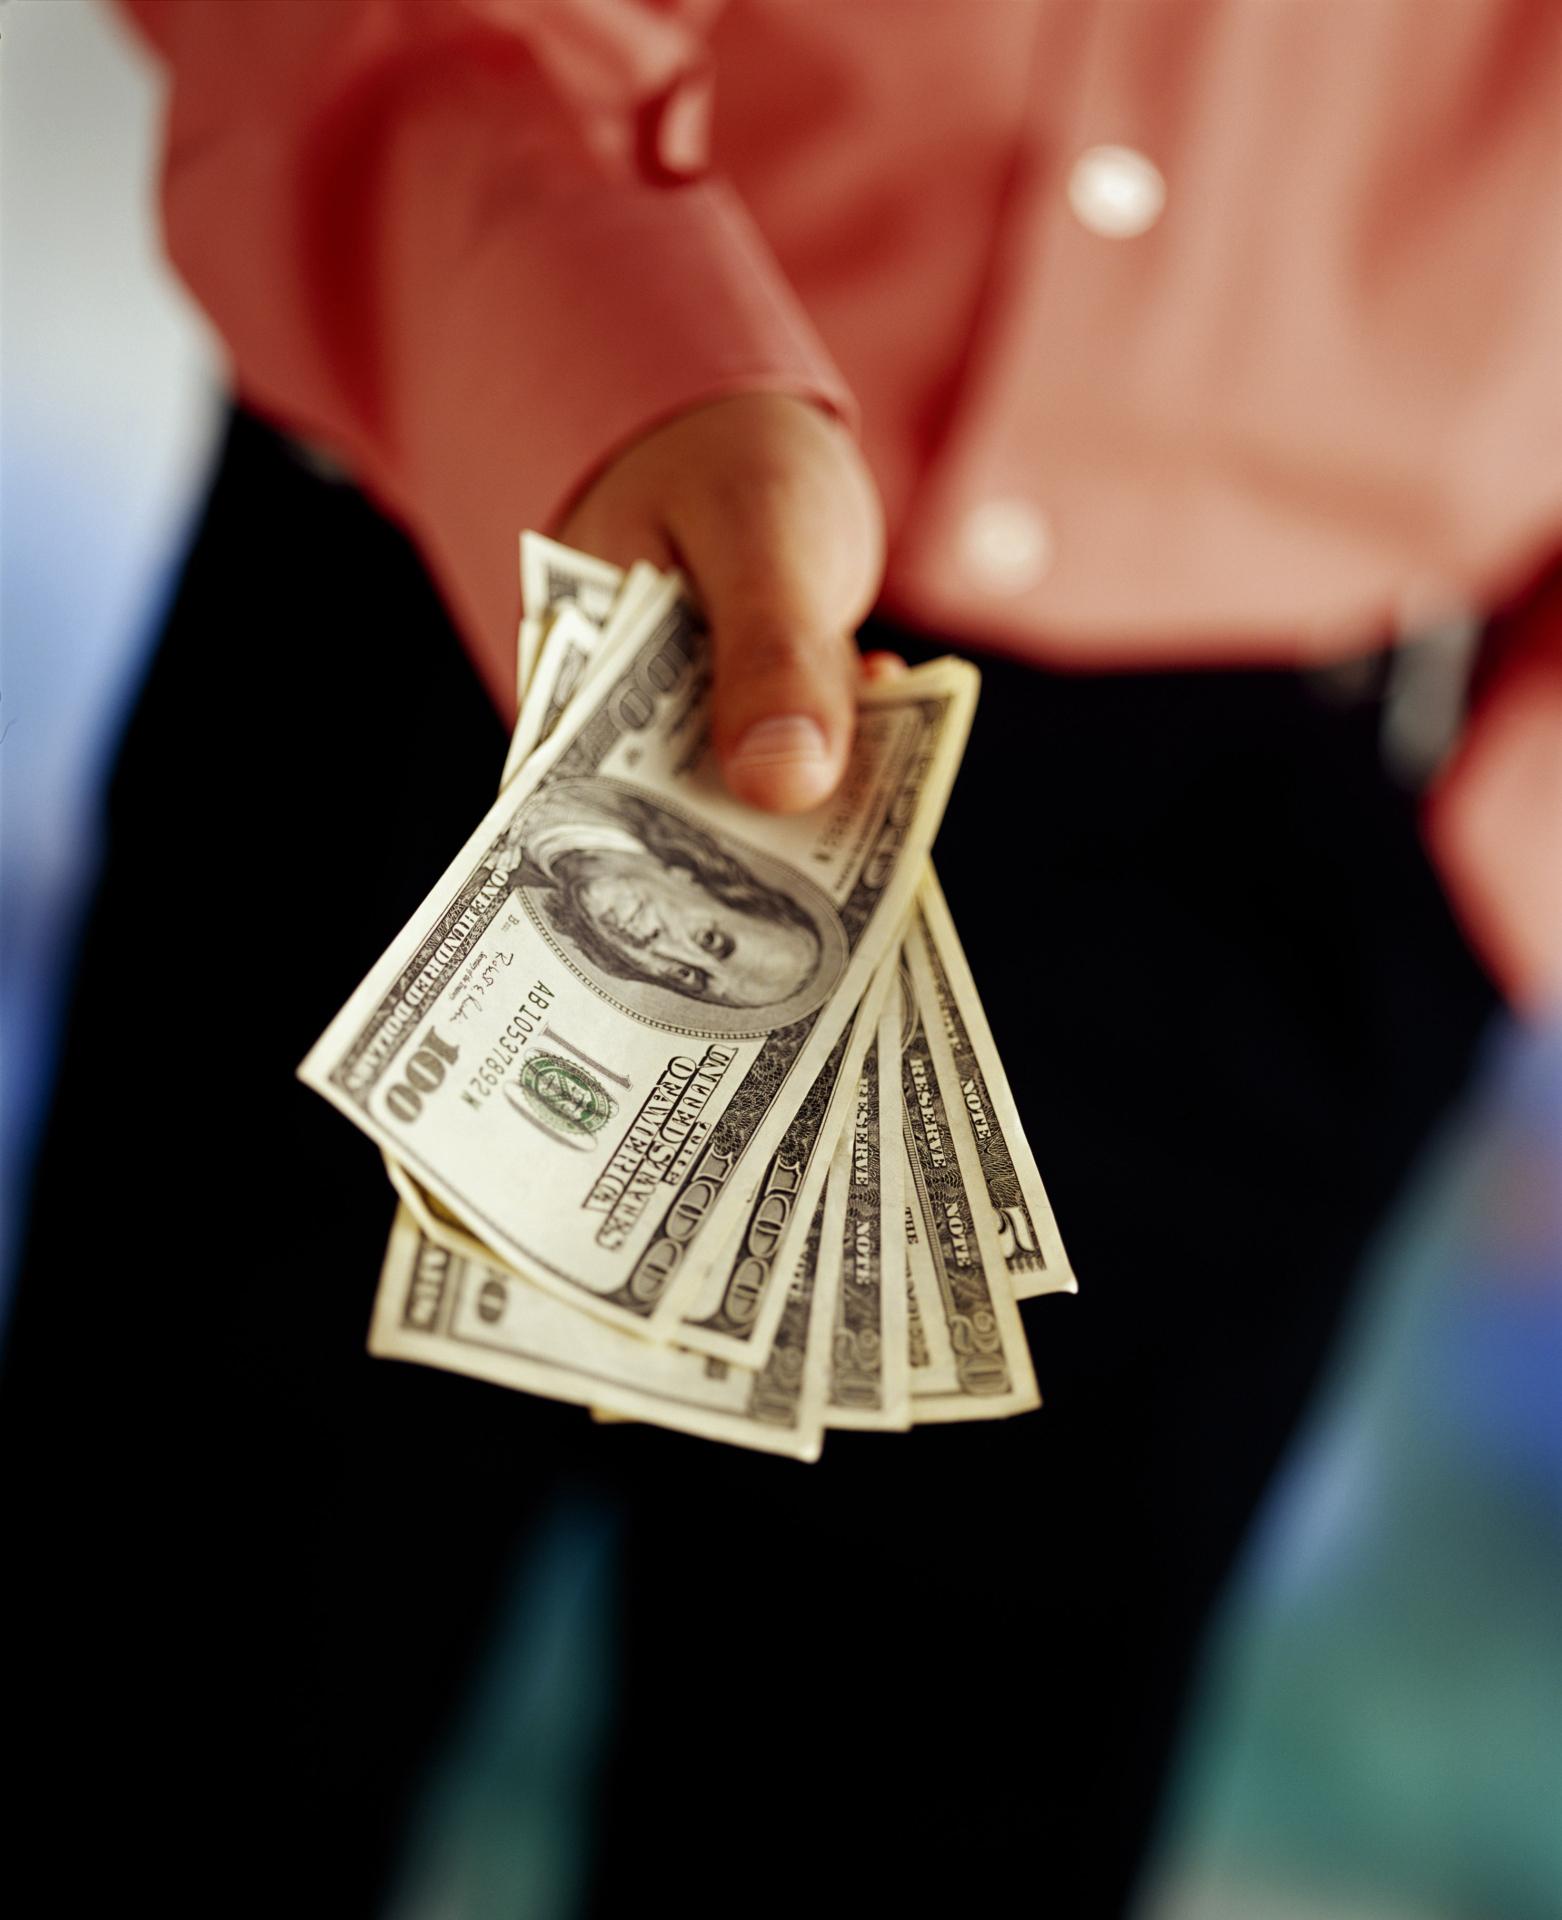 Cash advance dallas tx photo 10